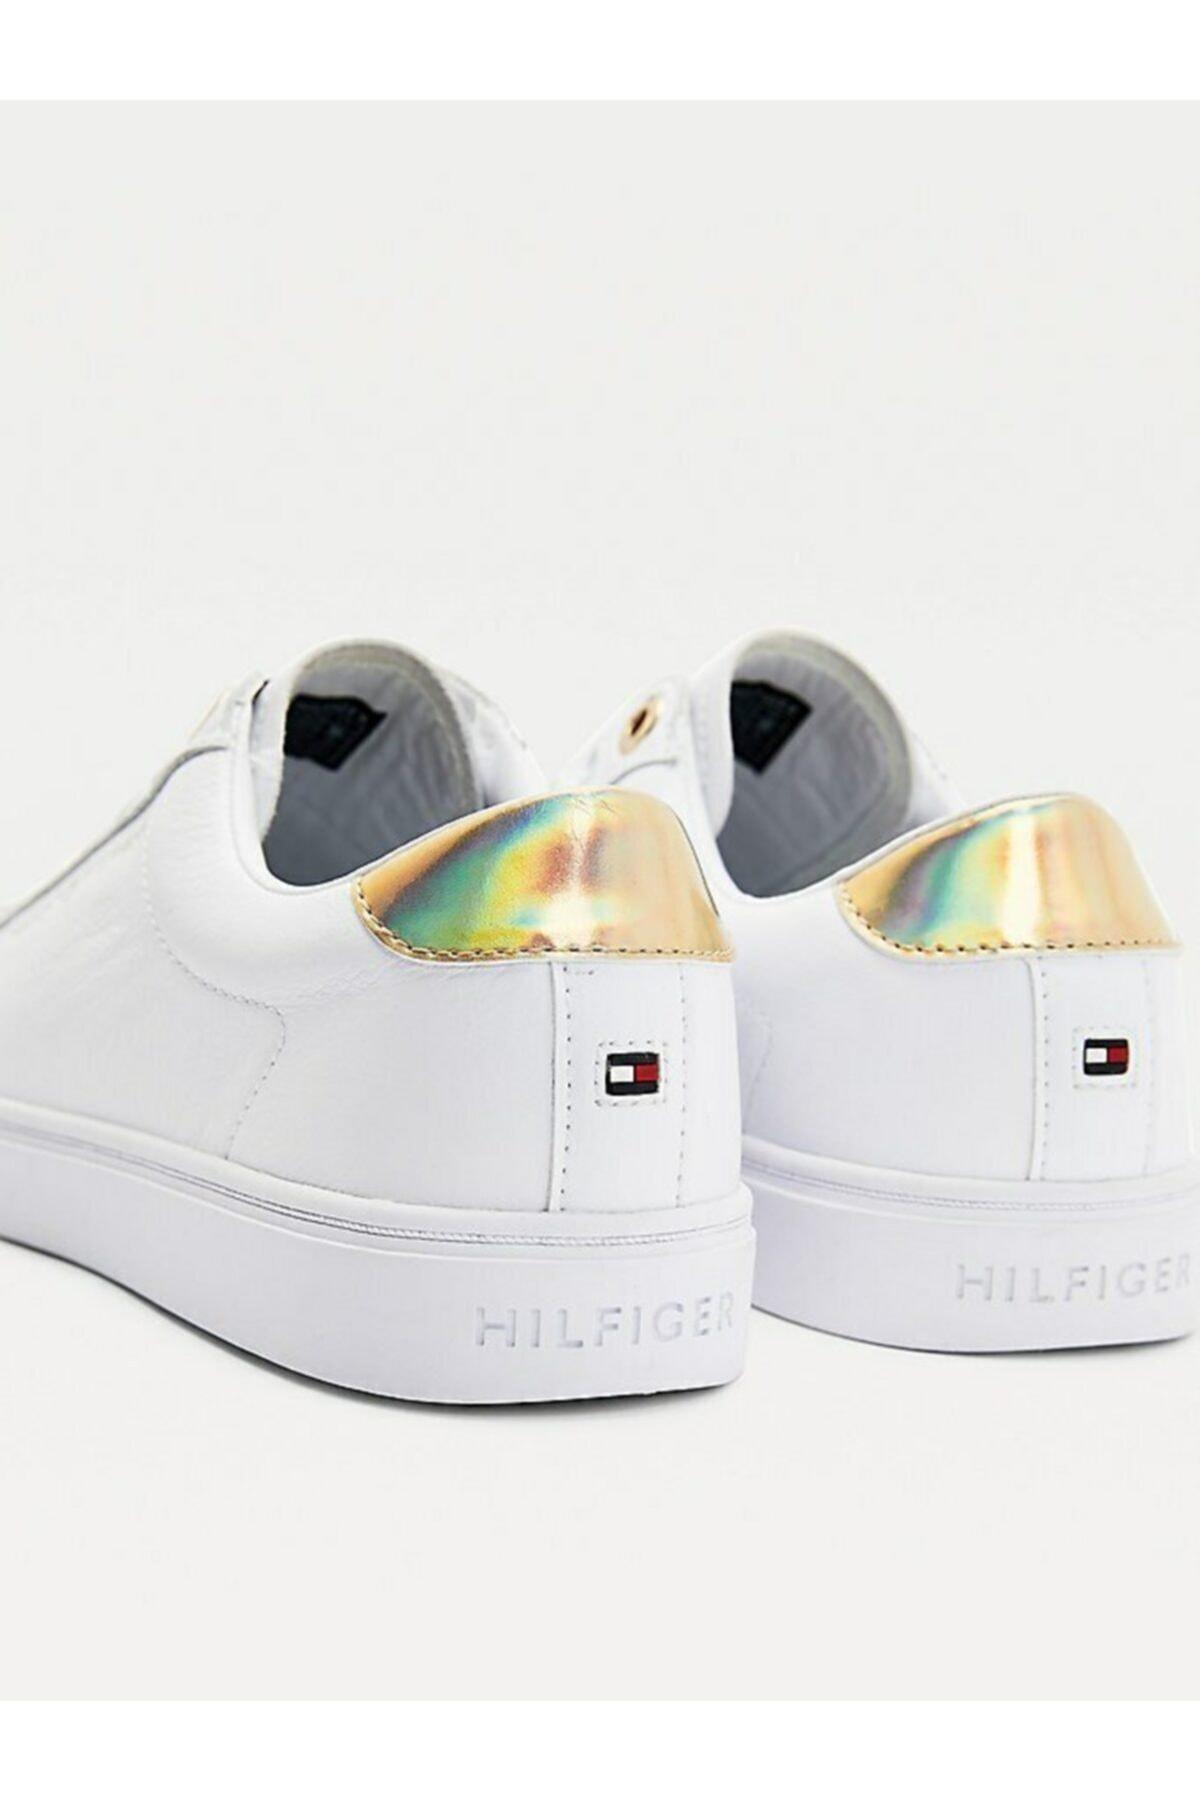 Tommy Hilfiger Th Elastıc Slıp On Sneaker 2